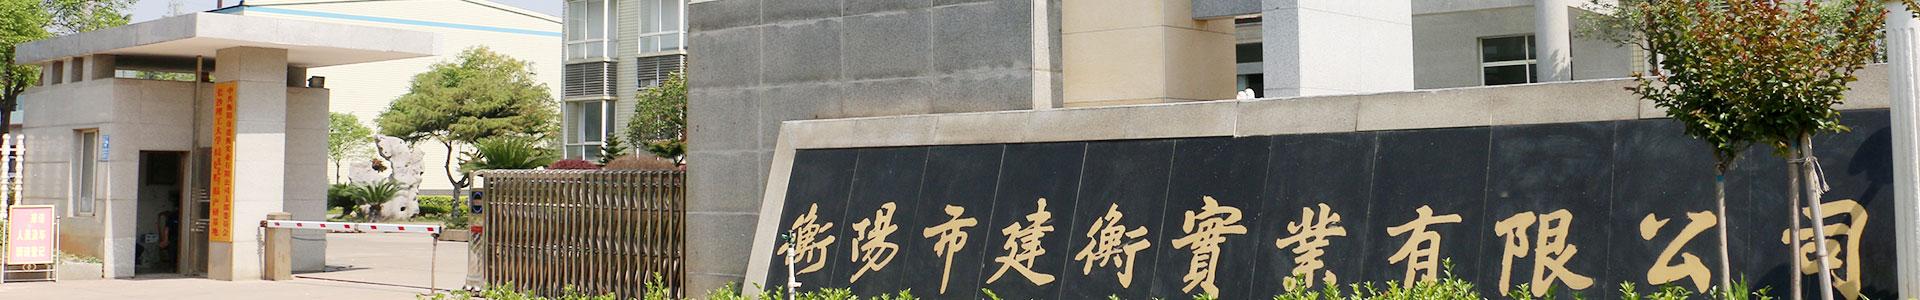 衡阳市西甲视频回放西甲录像有限公司